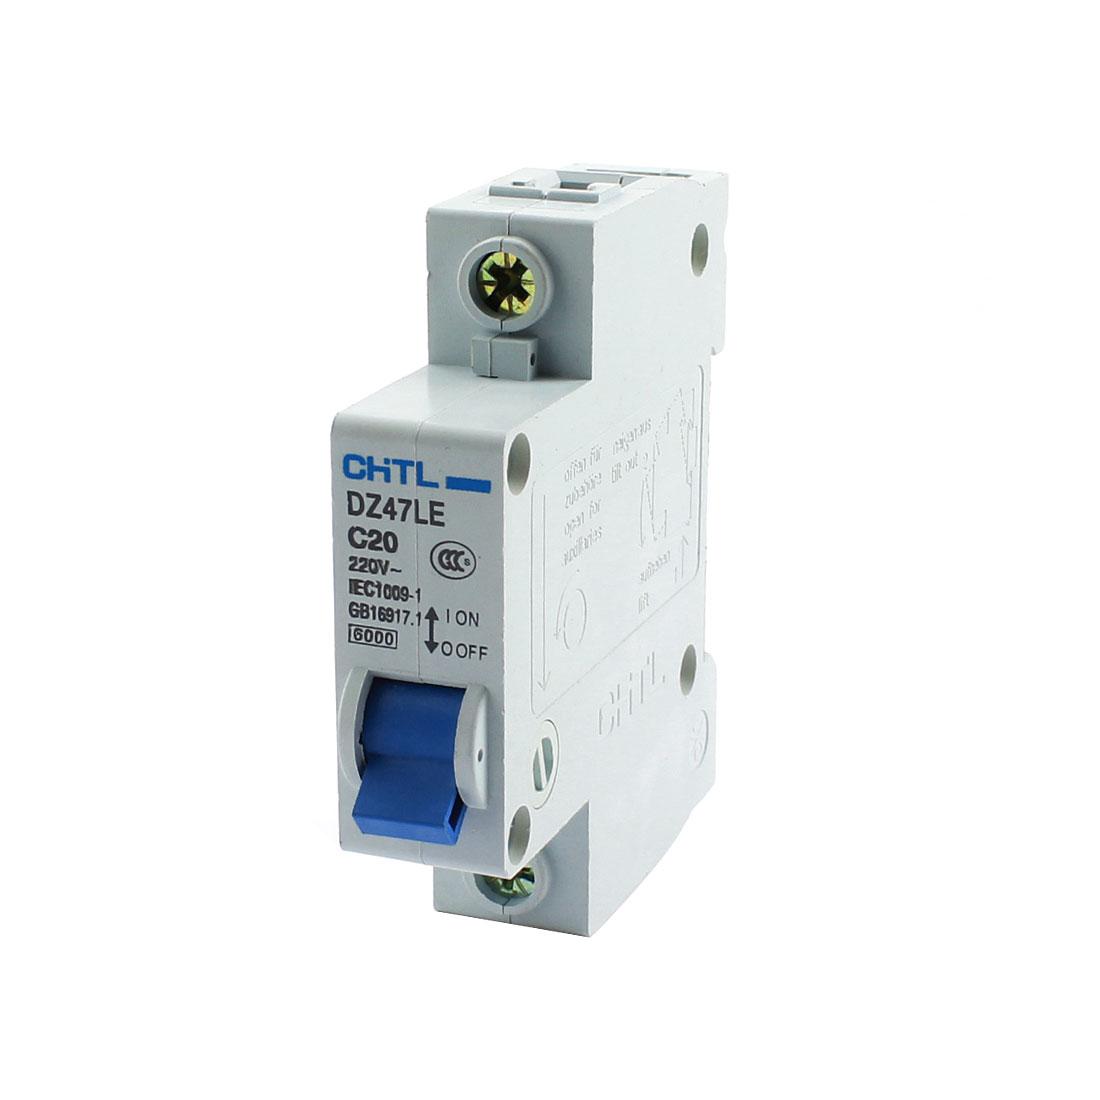 DZ47LE C20 1P DIN Rail Mount MCB Miniature Circuit Breaker 6000A 20A AC220V